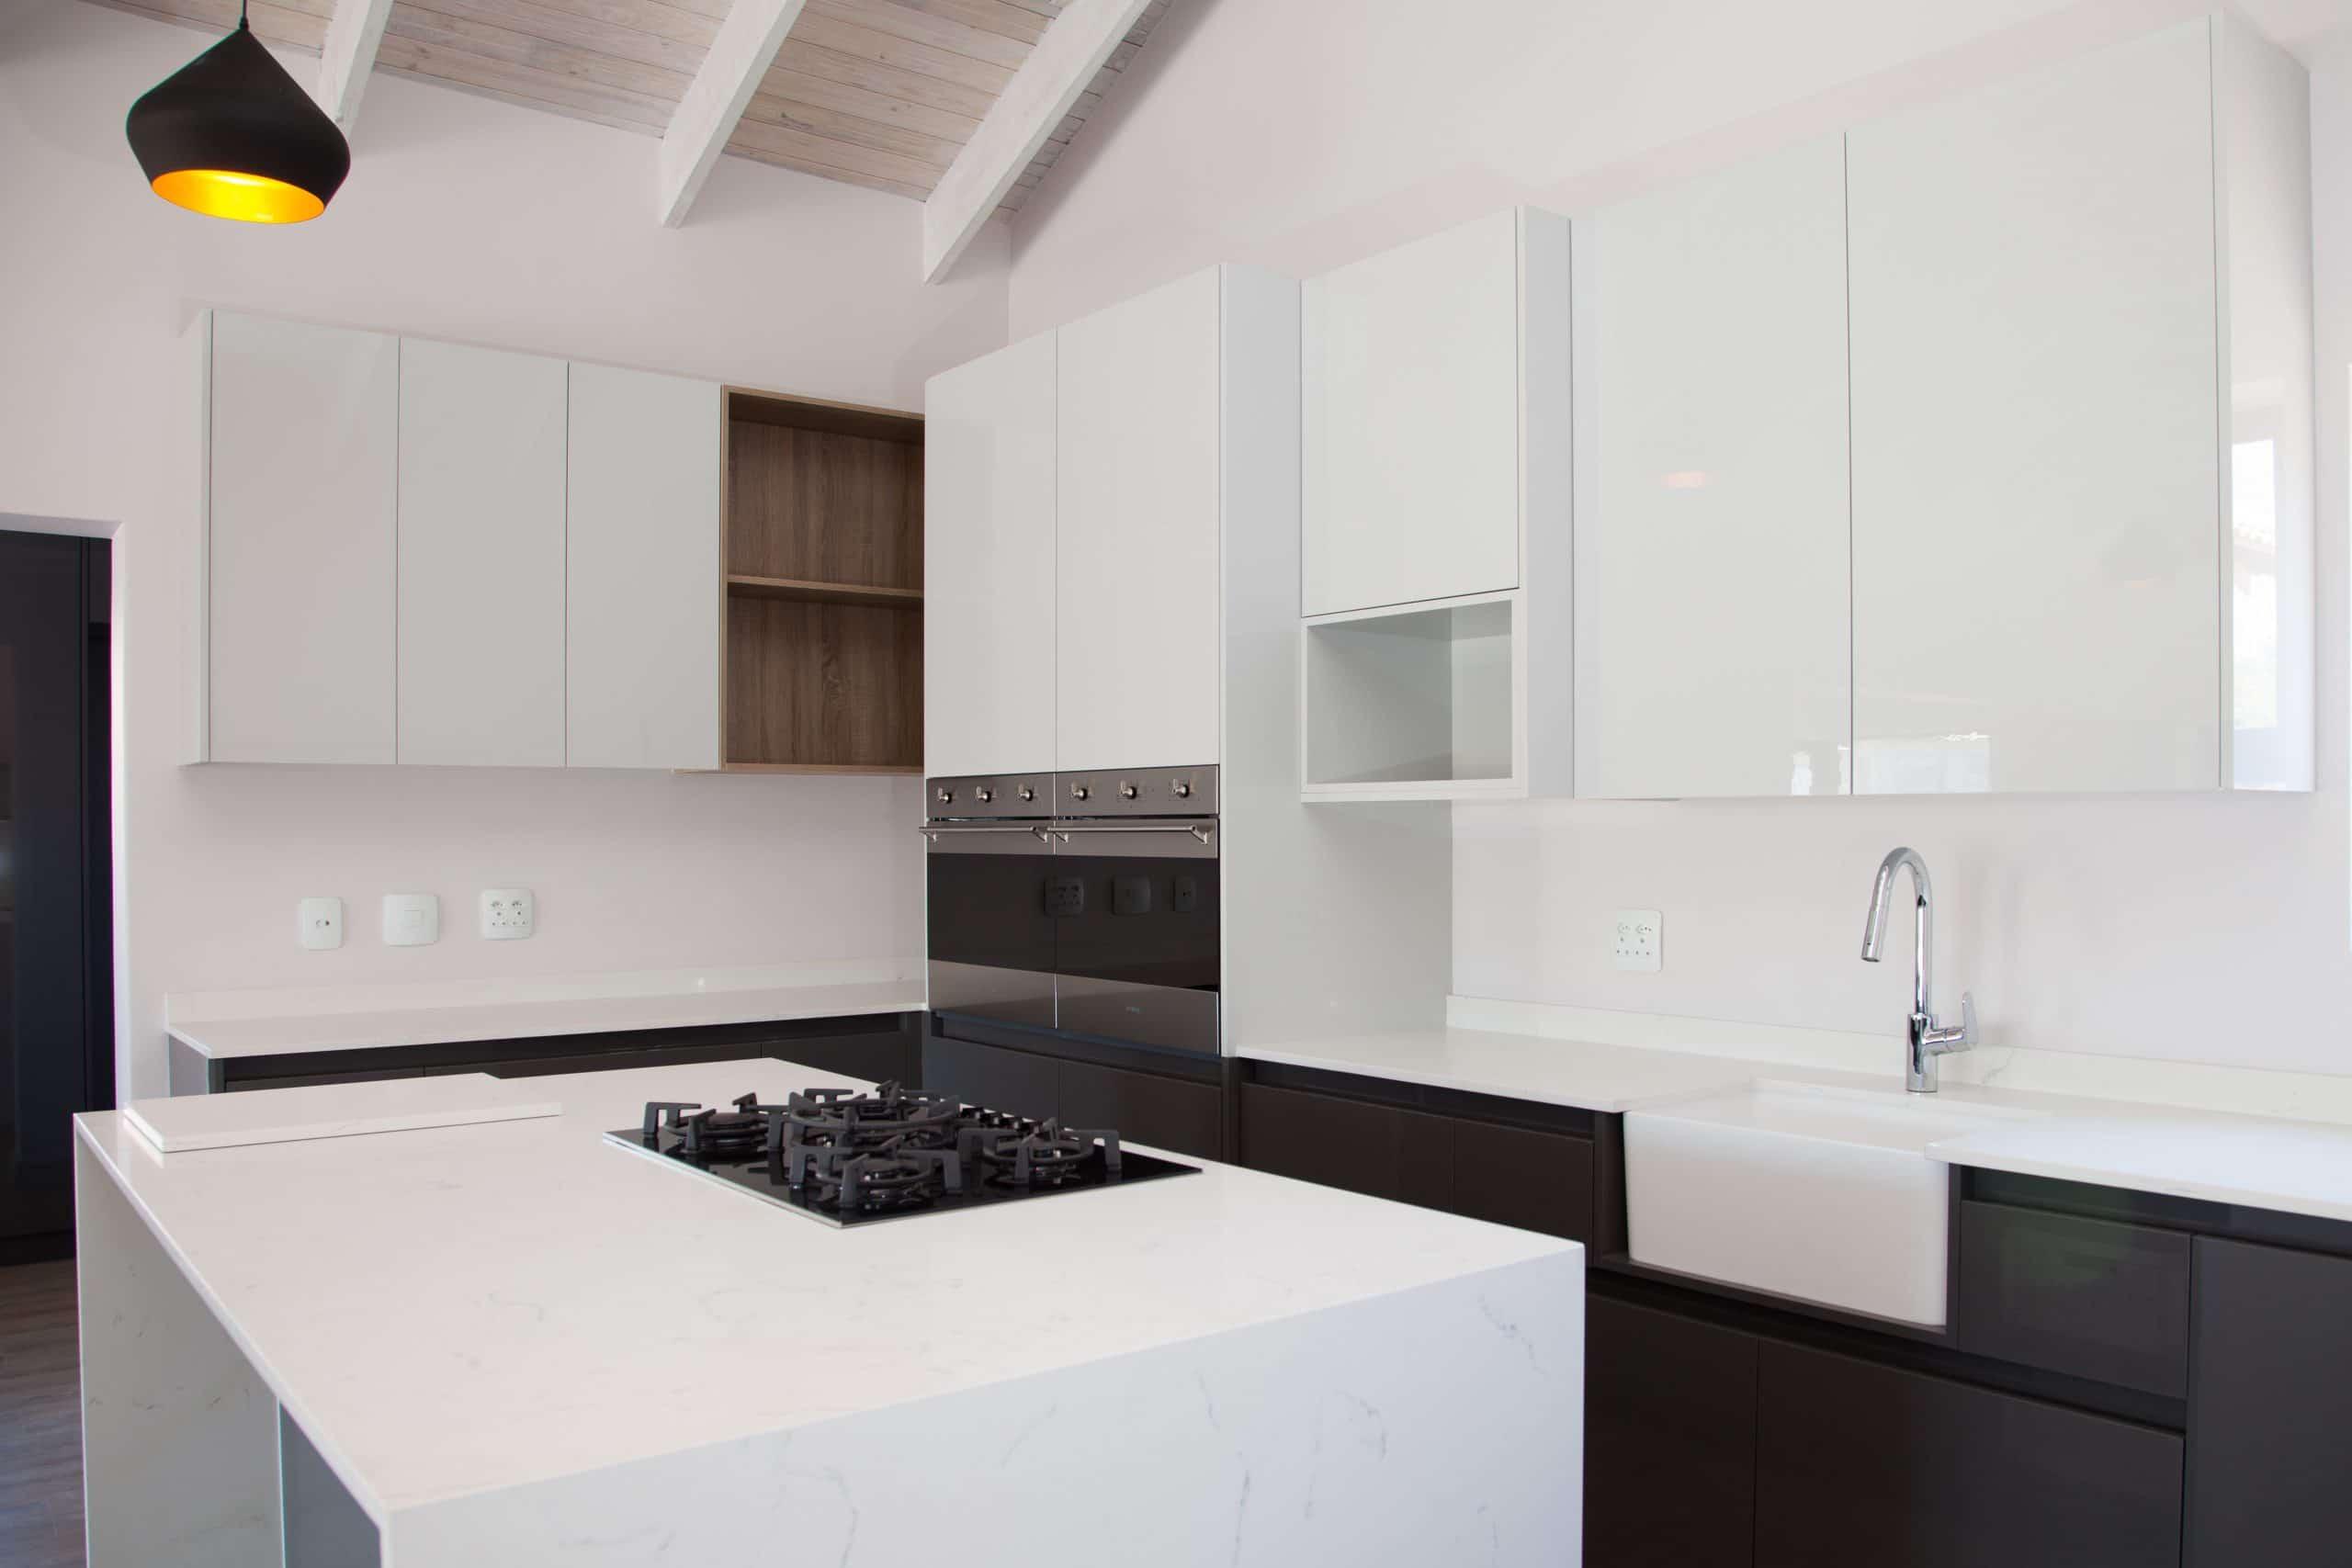 modern light and dark grey ktichen on wooden flooring langebaan country estate